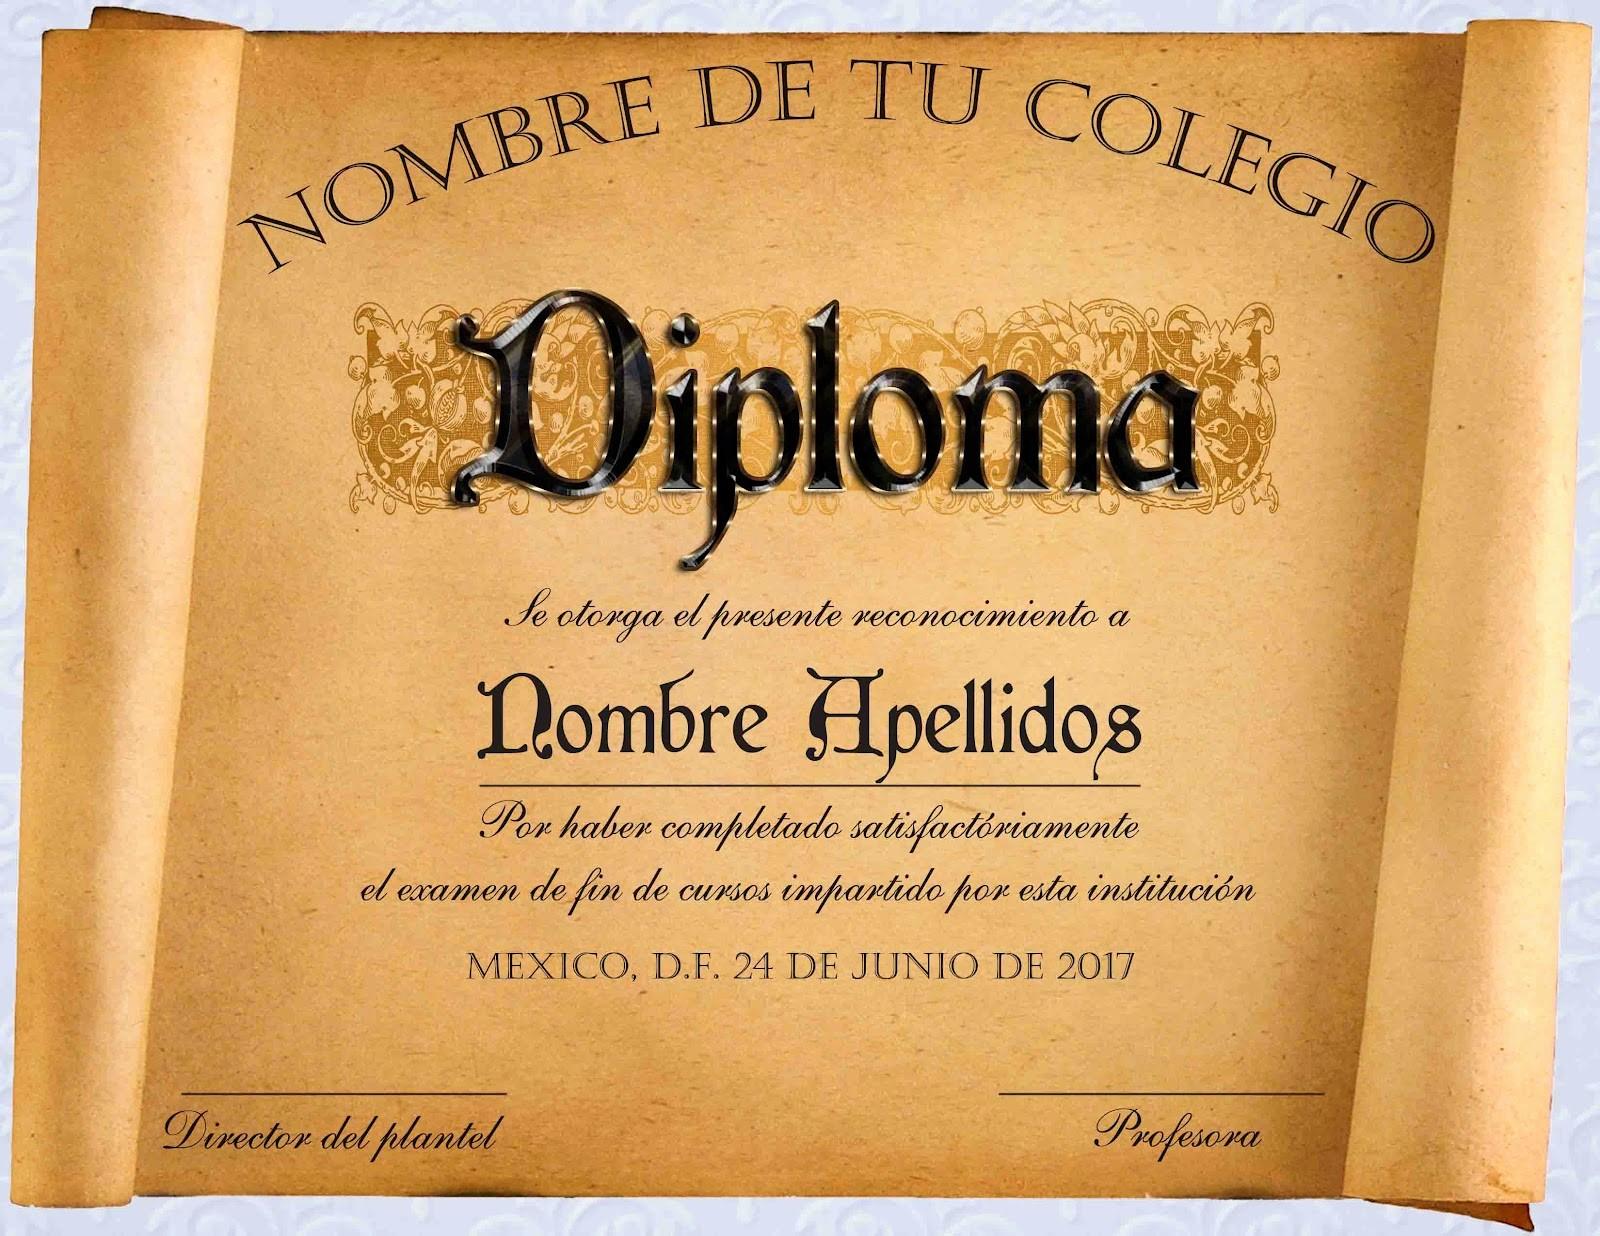 Formatos De Diplomas Por Aprovechamiento Fresh Marcos Para Diplomas De Reconocimiento En Blanco Imagui